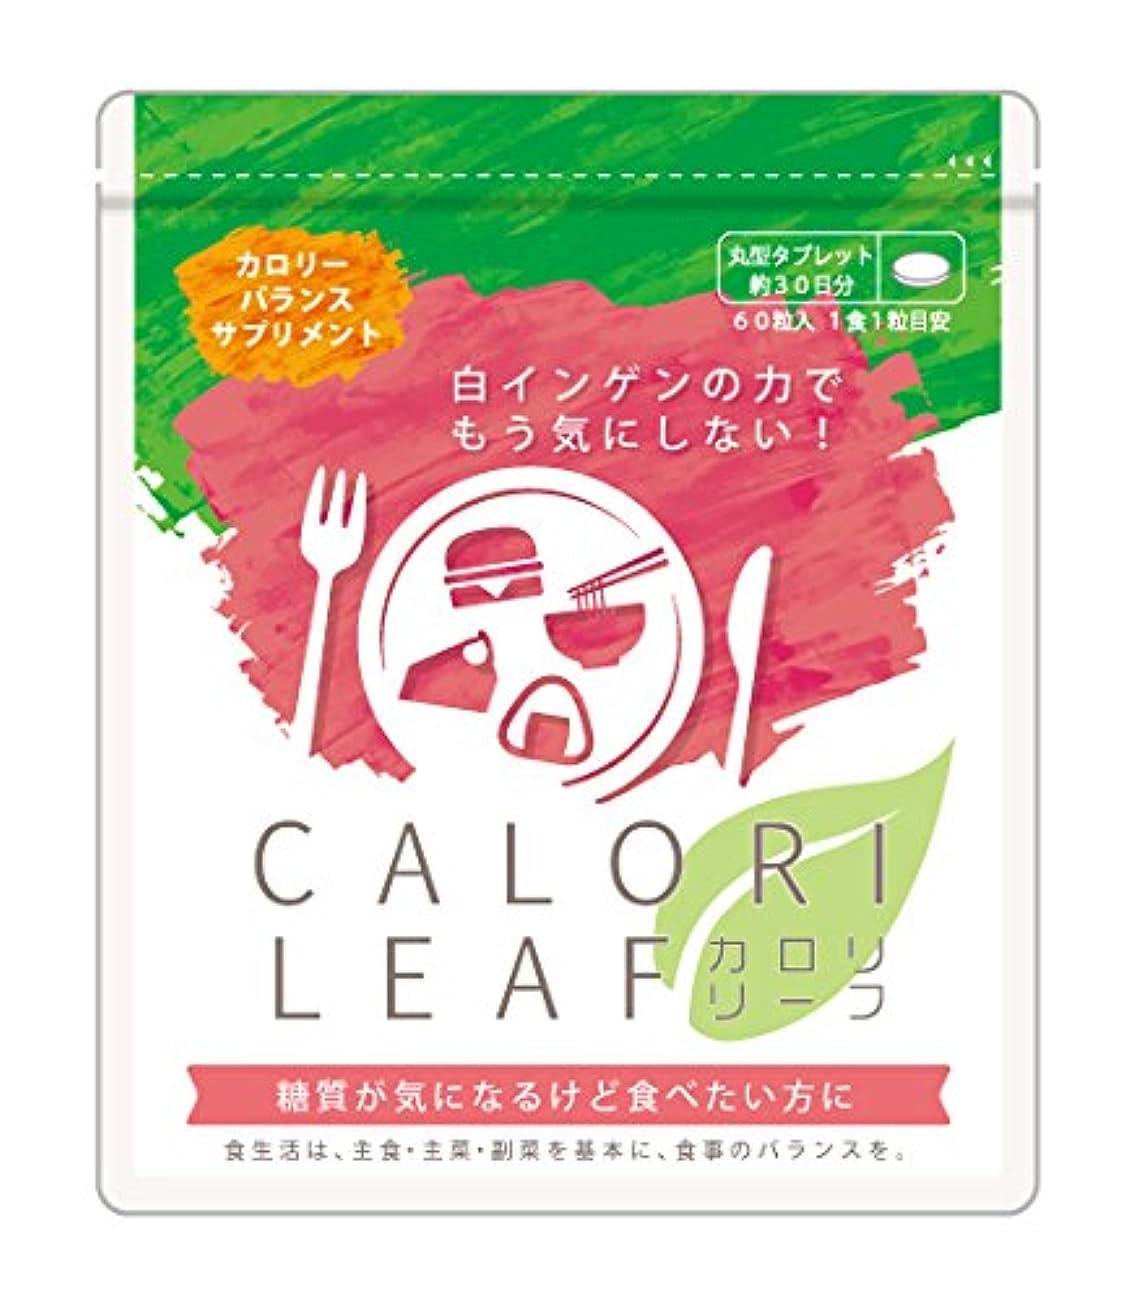 故障中お酒フォーラムカロリリーフ 15g(250mg×60粒)